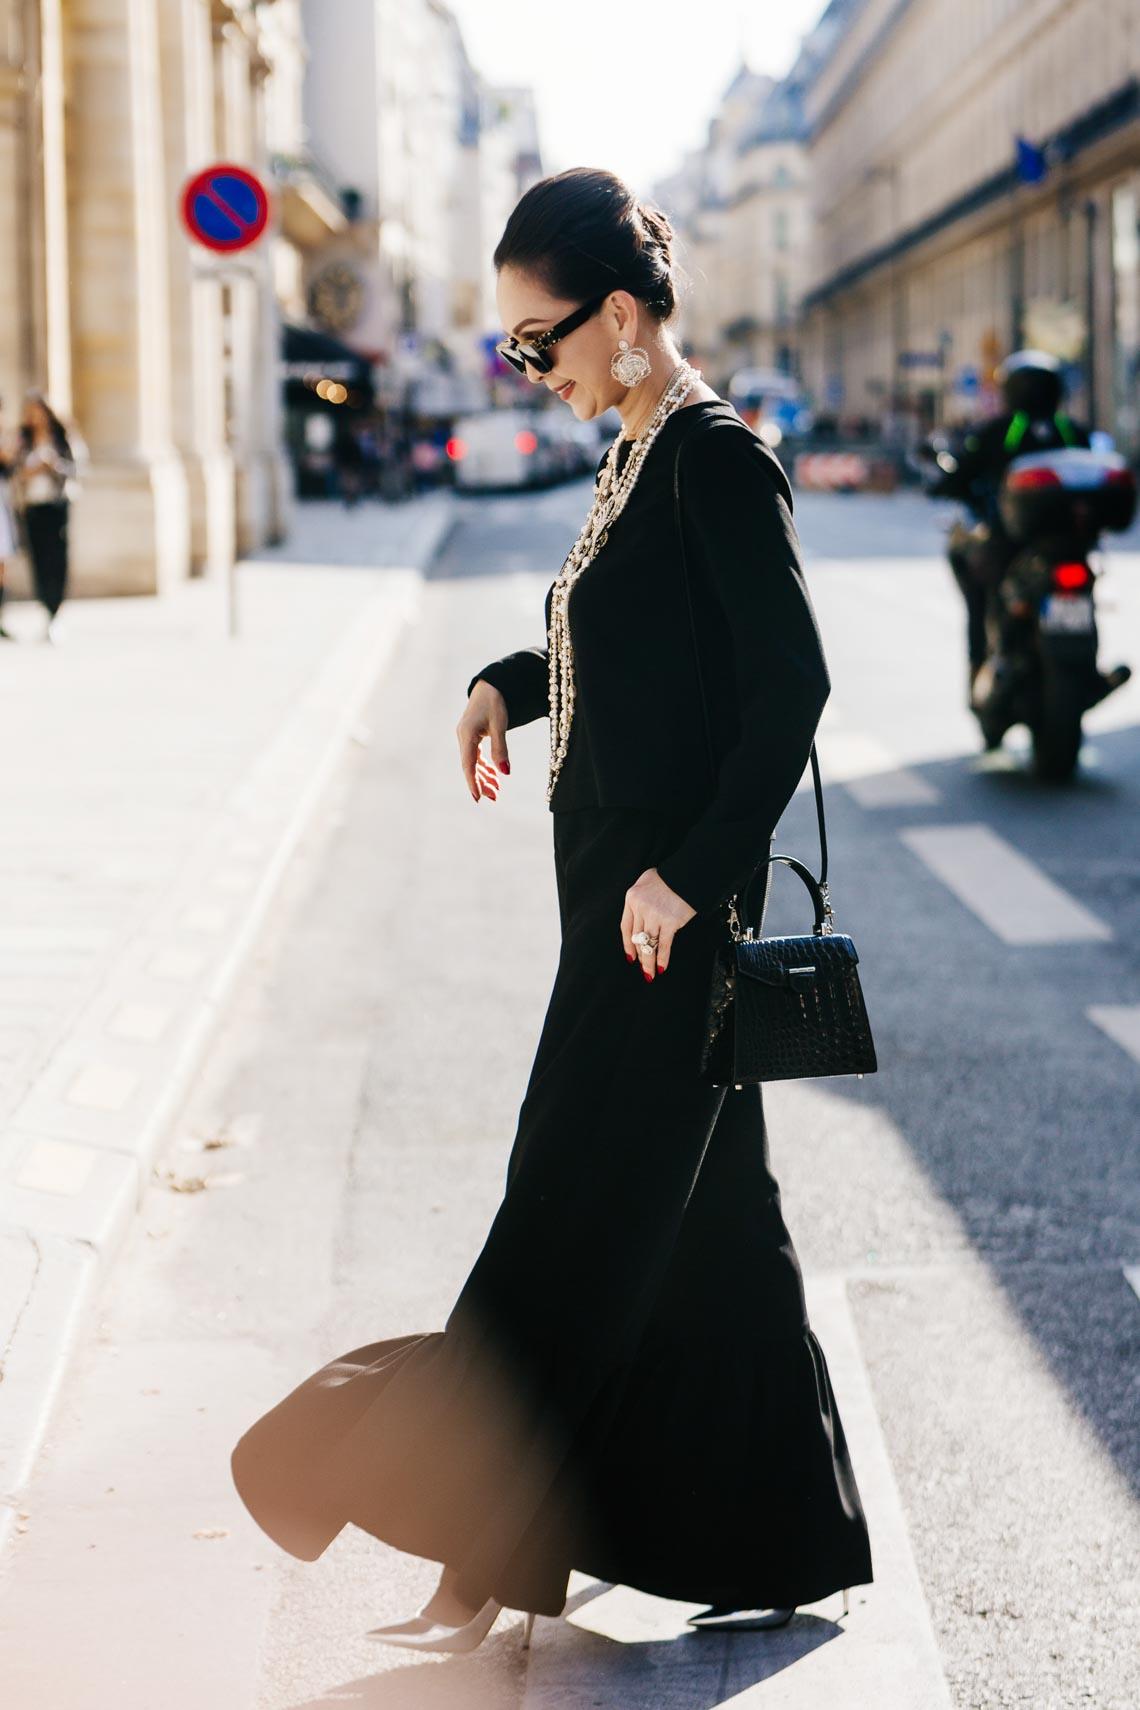 Diễm My sang trọng trong trang phục trắng đen dạo phố Paris - 4